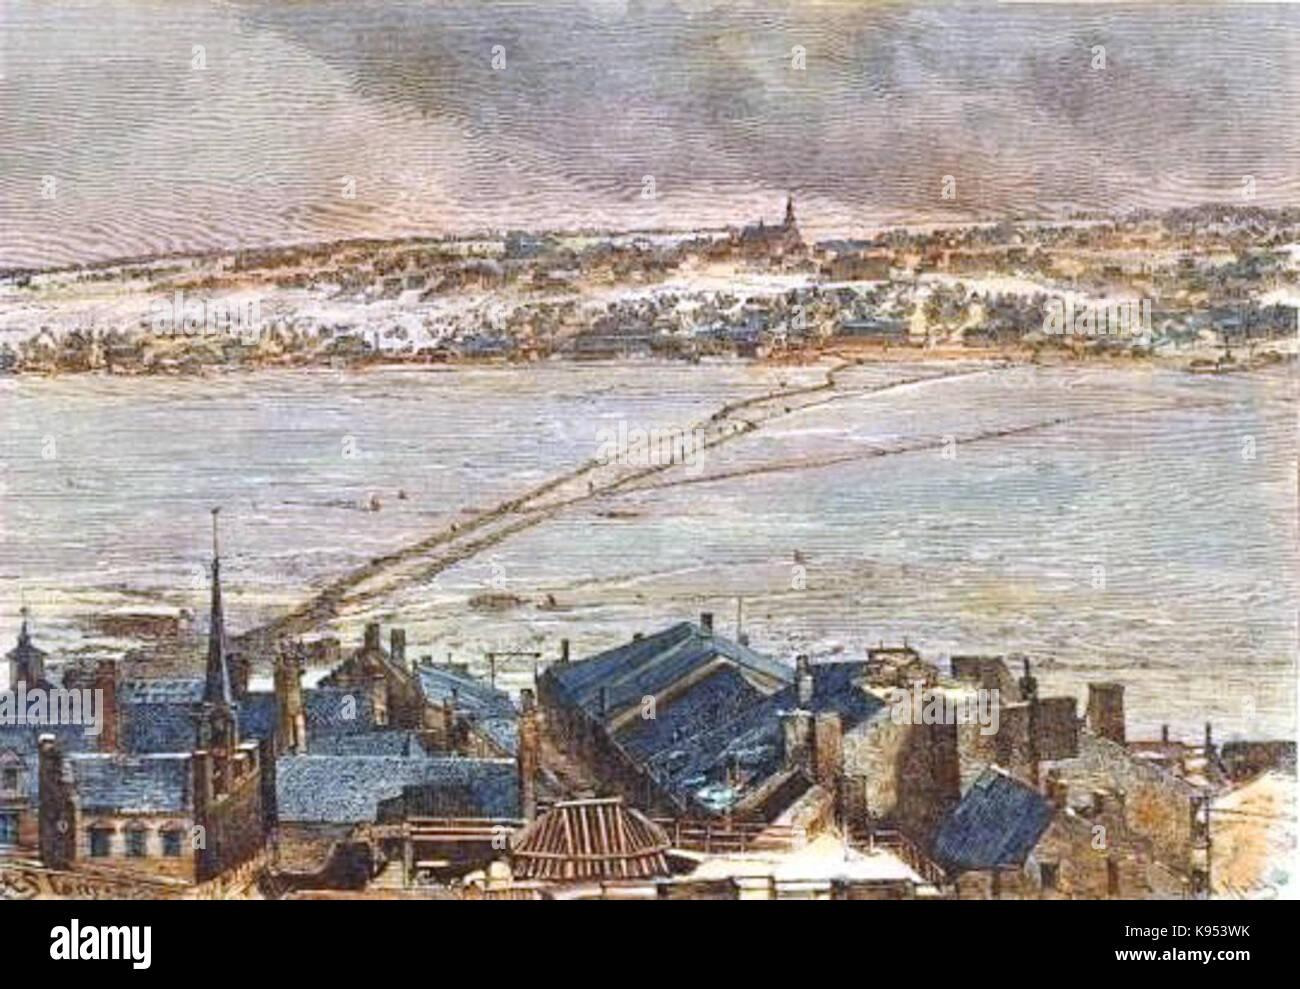 Levis et le pont de glace - Stock Image